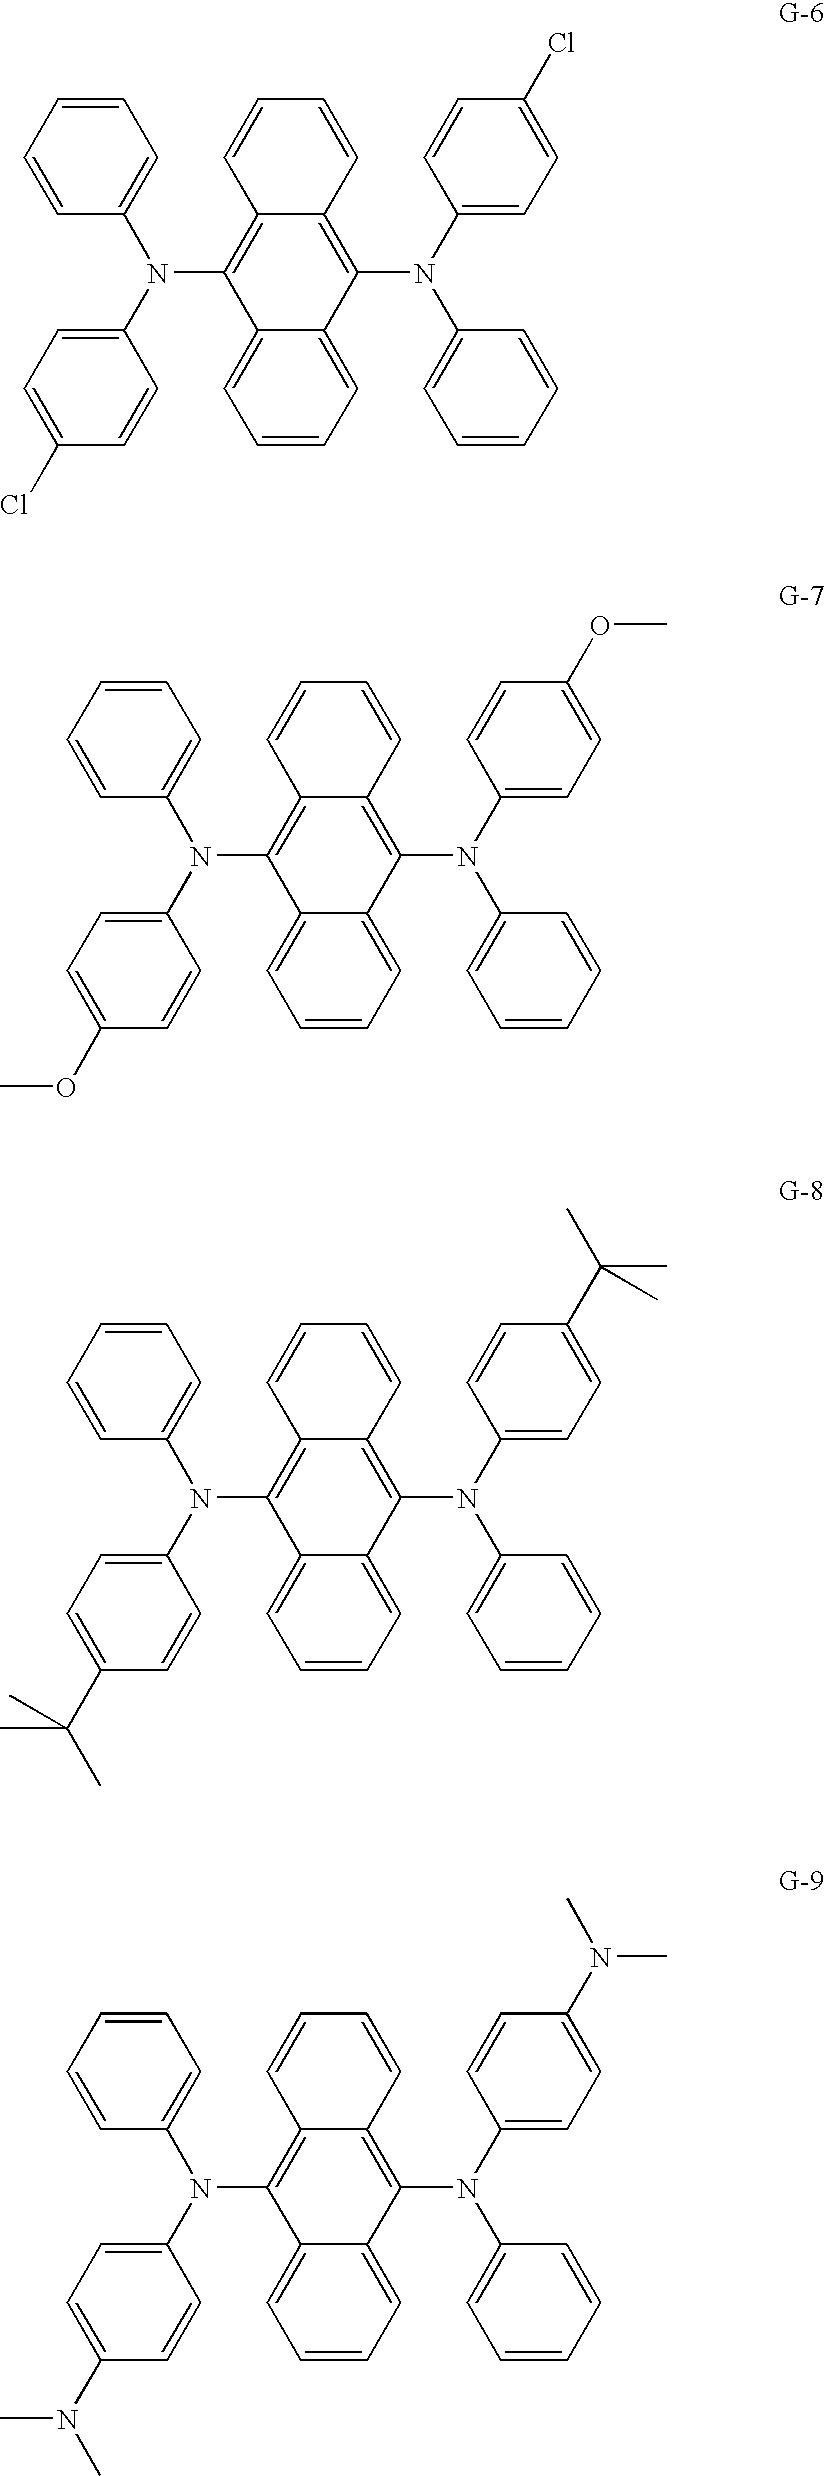 Figure US07651788-20100126-C00014